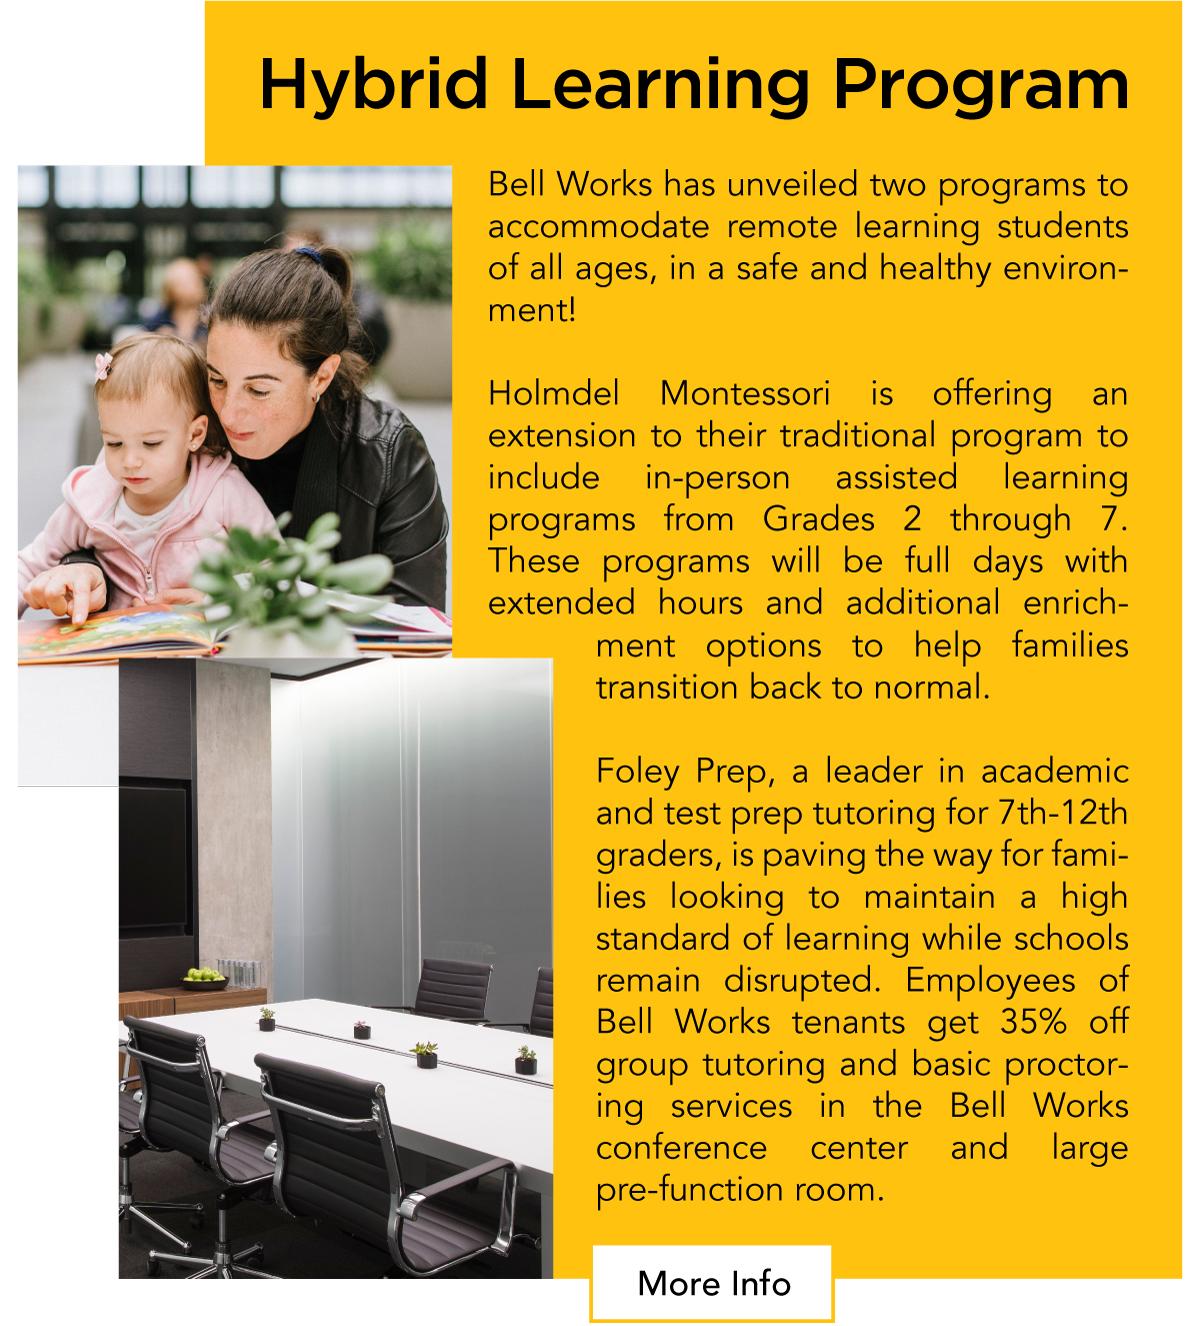 Hybrid Learning Program